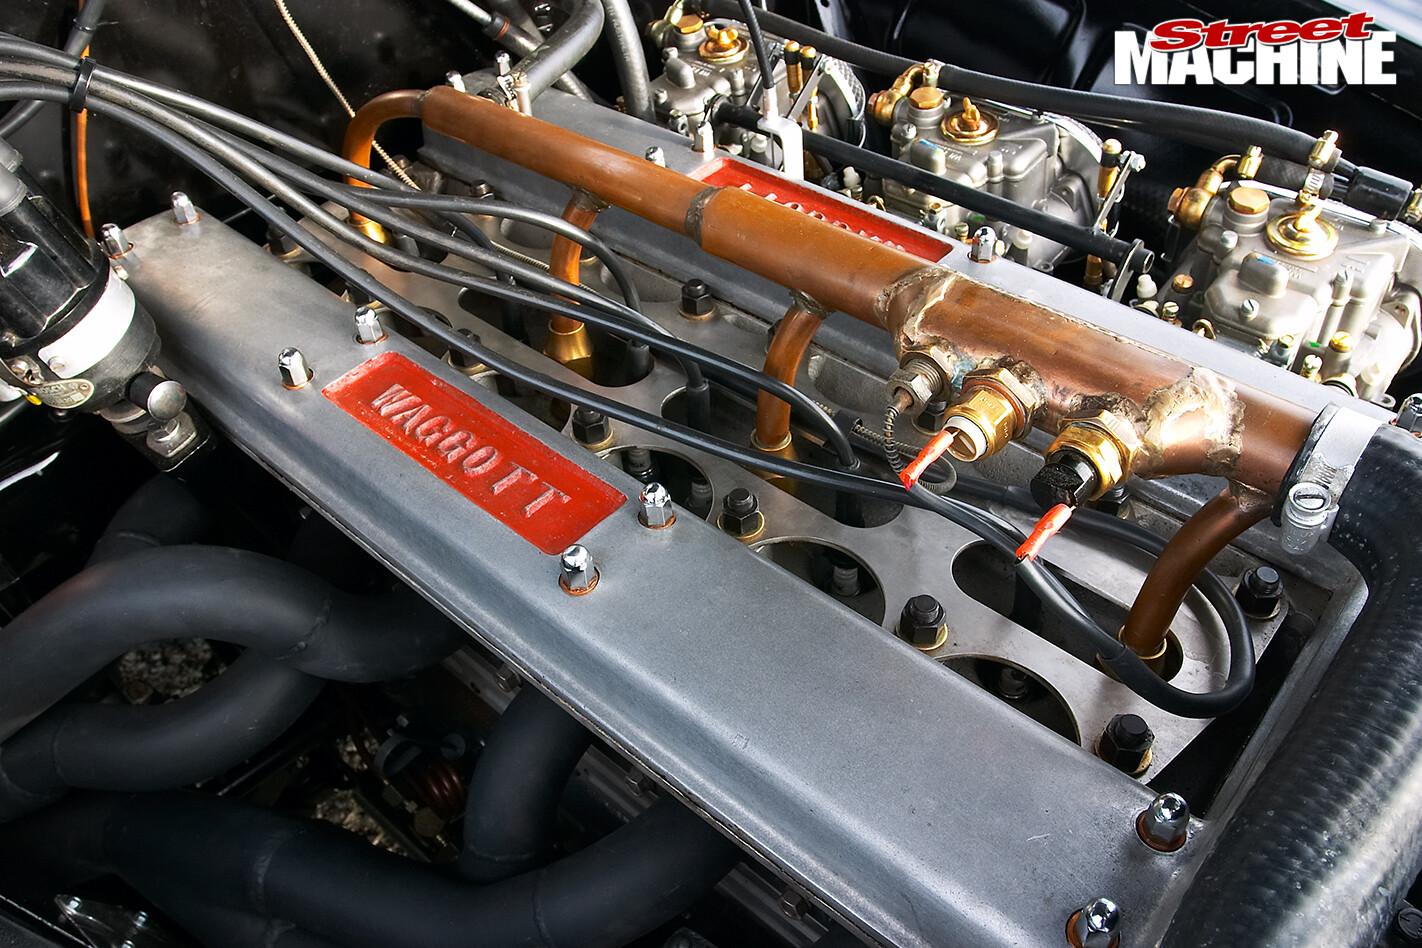 Holden -FX-48-215-engine -bay -detail